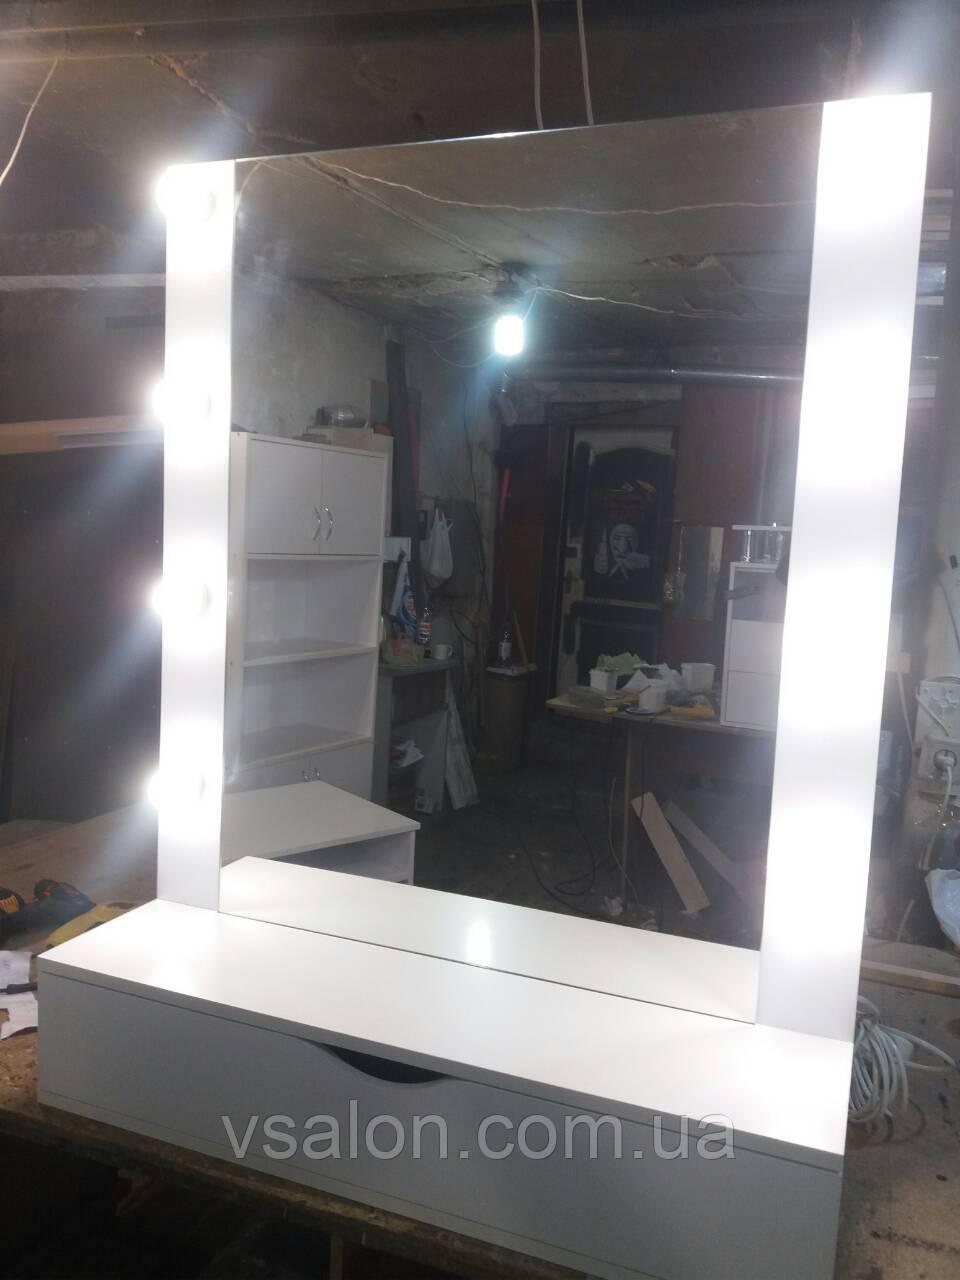 Зеркало визажиста с лампочками А188